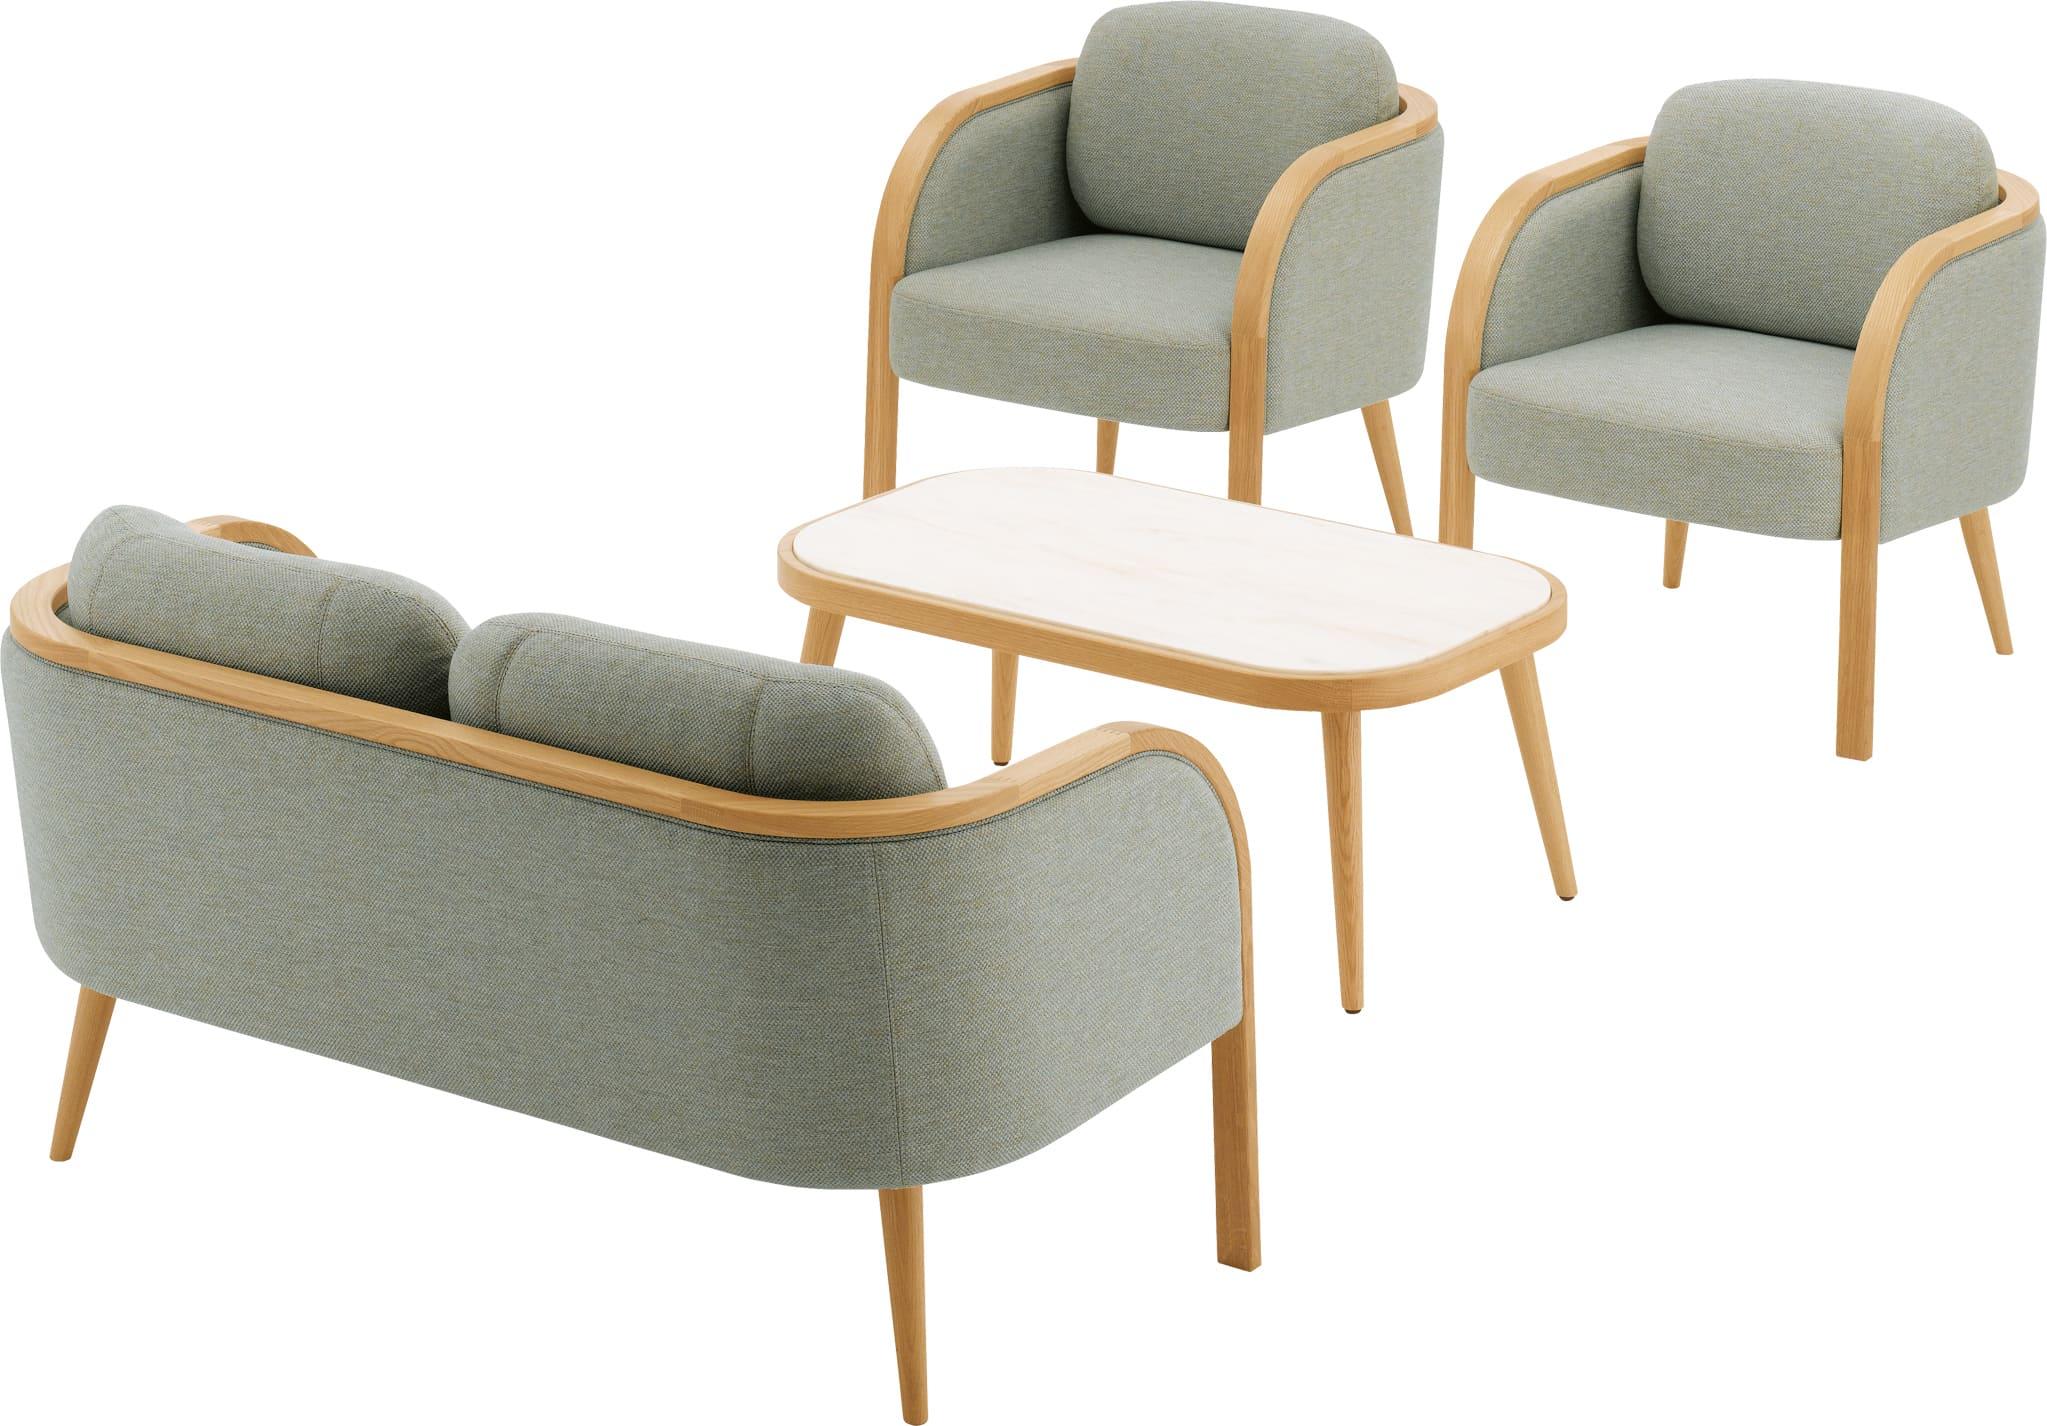 アジオ Agio  ローテーブル アームなし クッション付き 丸い形状 かわいい TK1